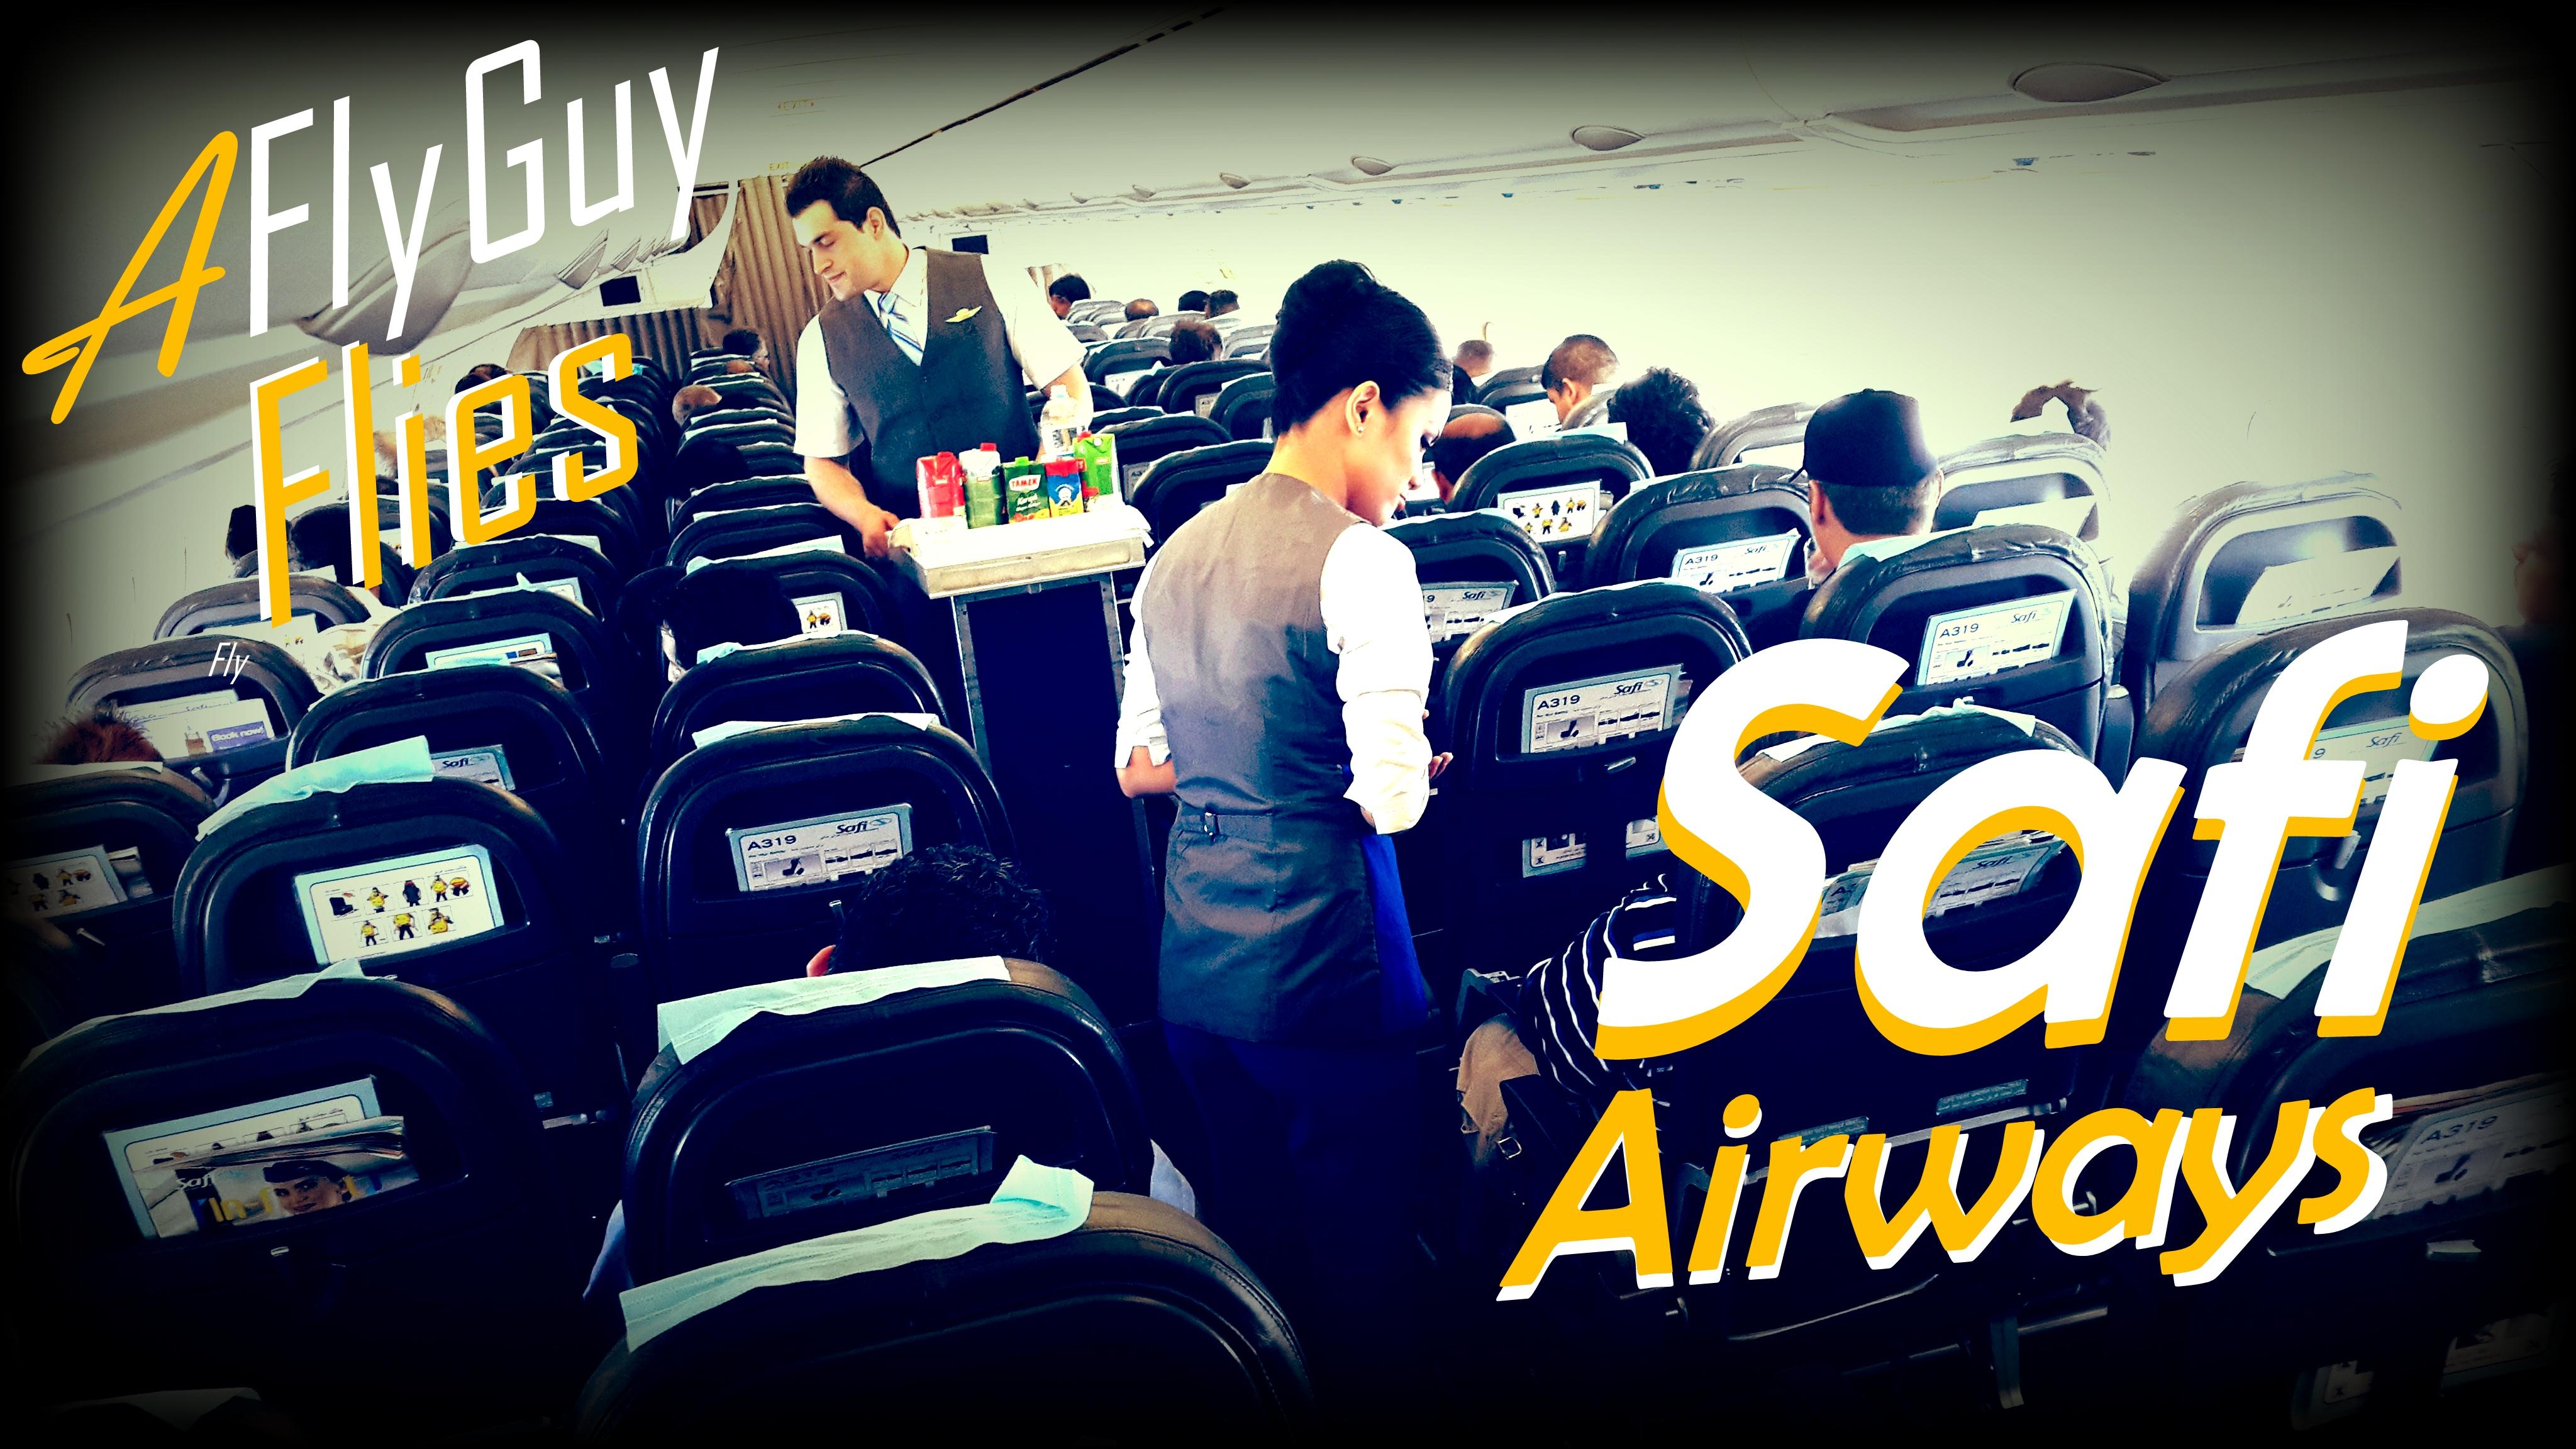 Safi Airways' website